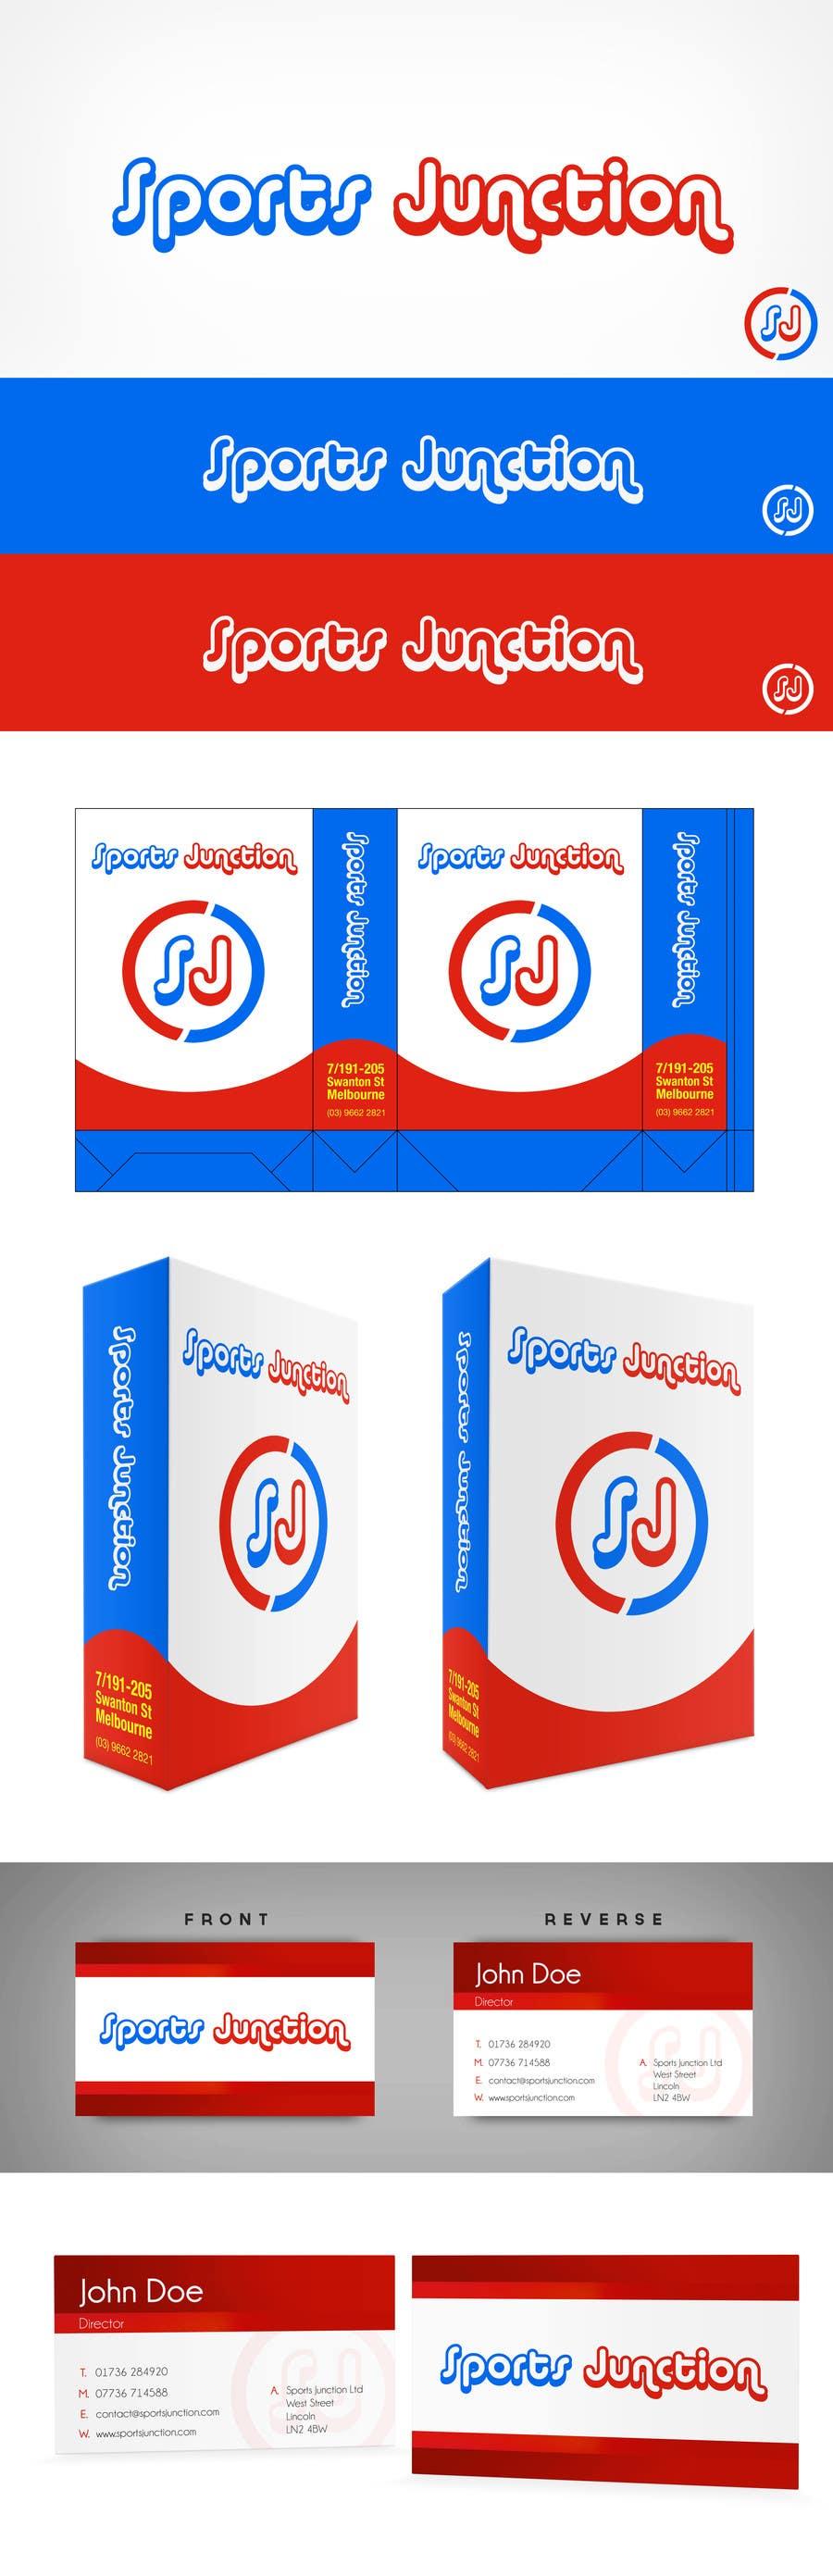 Konkurrenceindlæg #24 for Design a Logo for Sports Junction